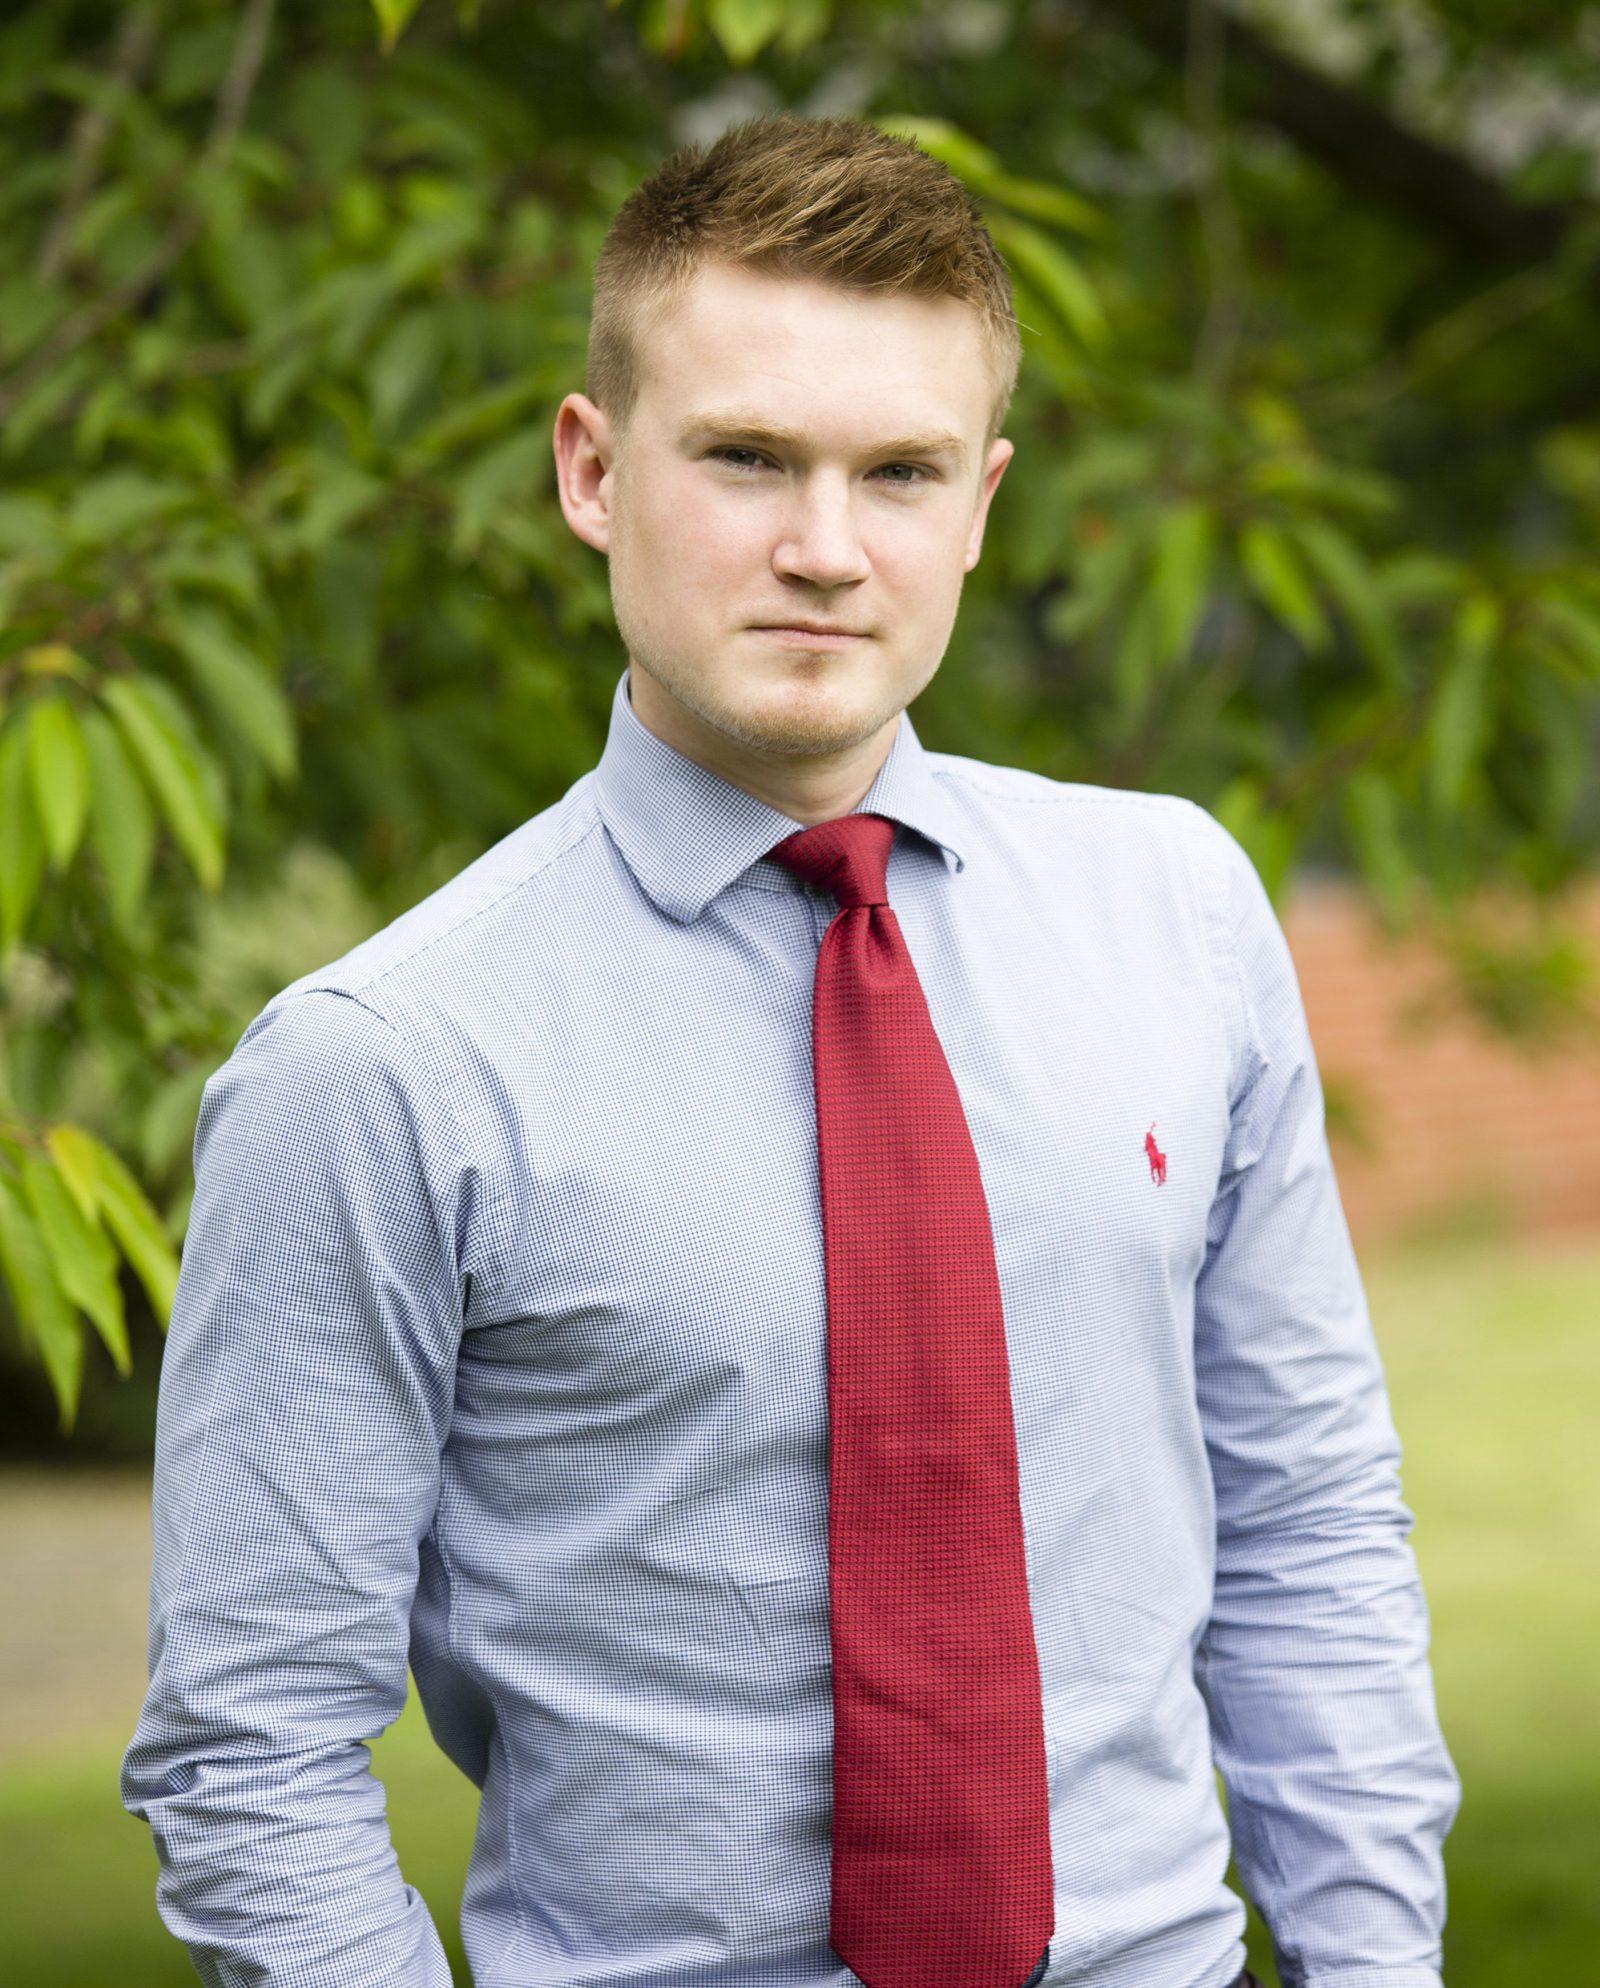 Josh McAvoy